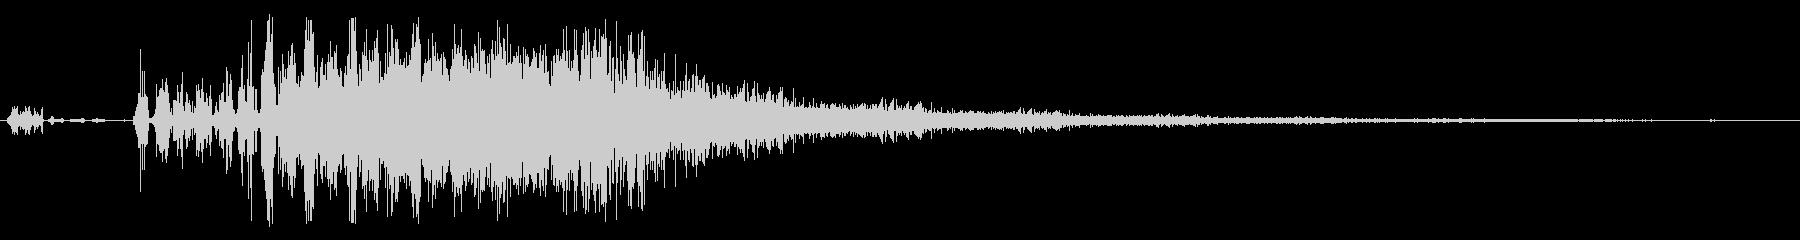 シャララ系ダウン(高音)の未再生の波形